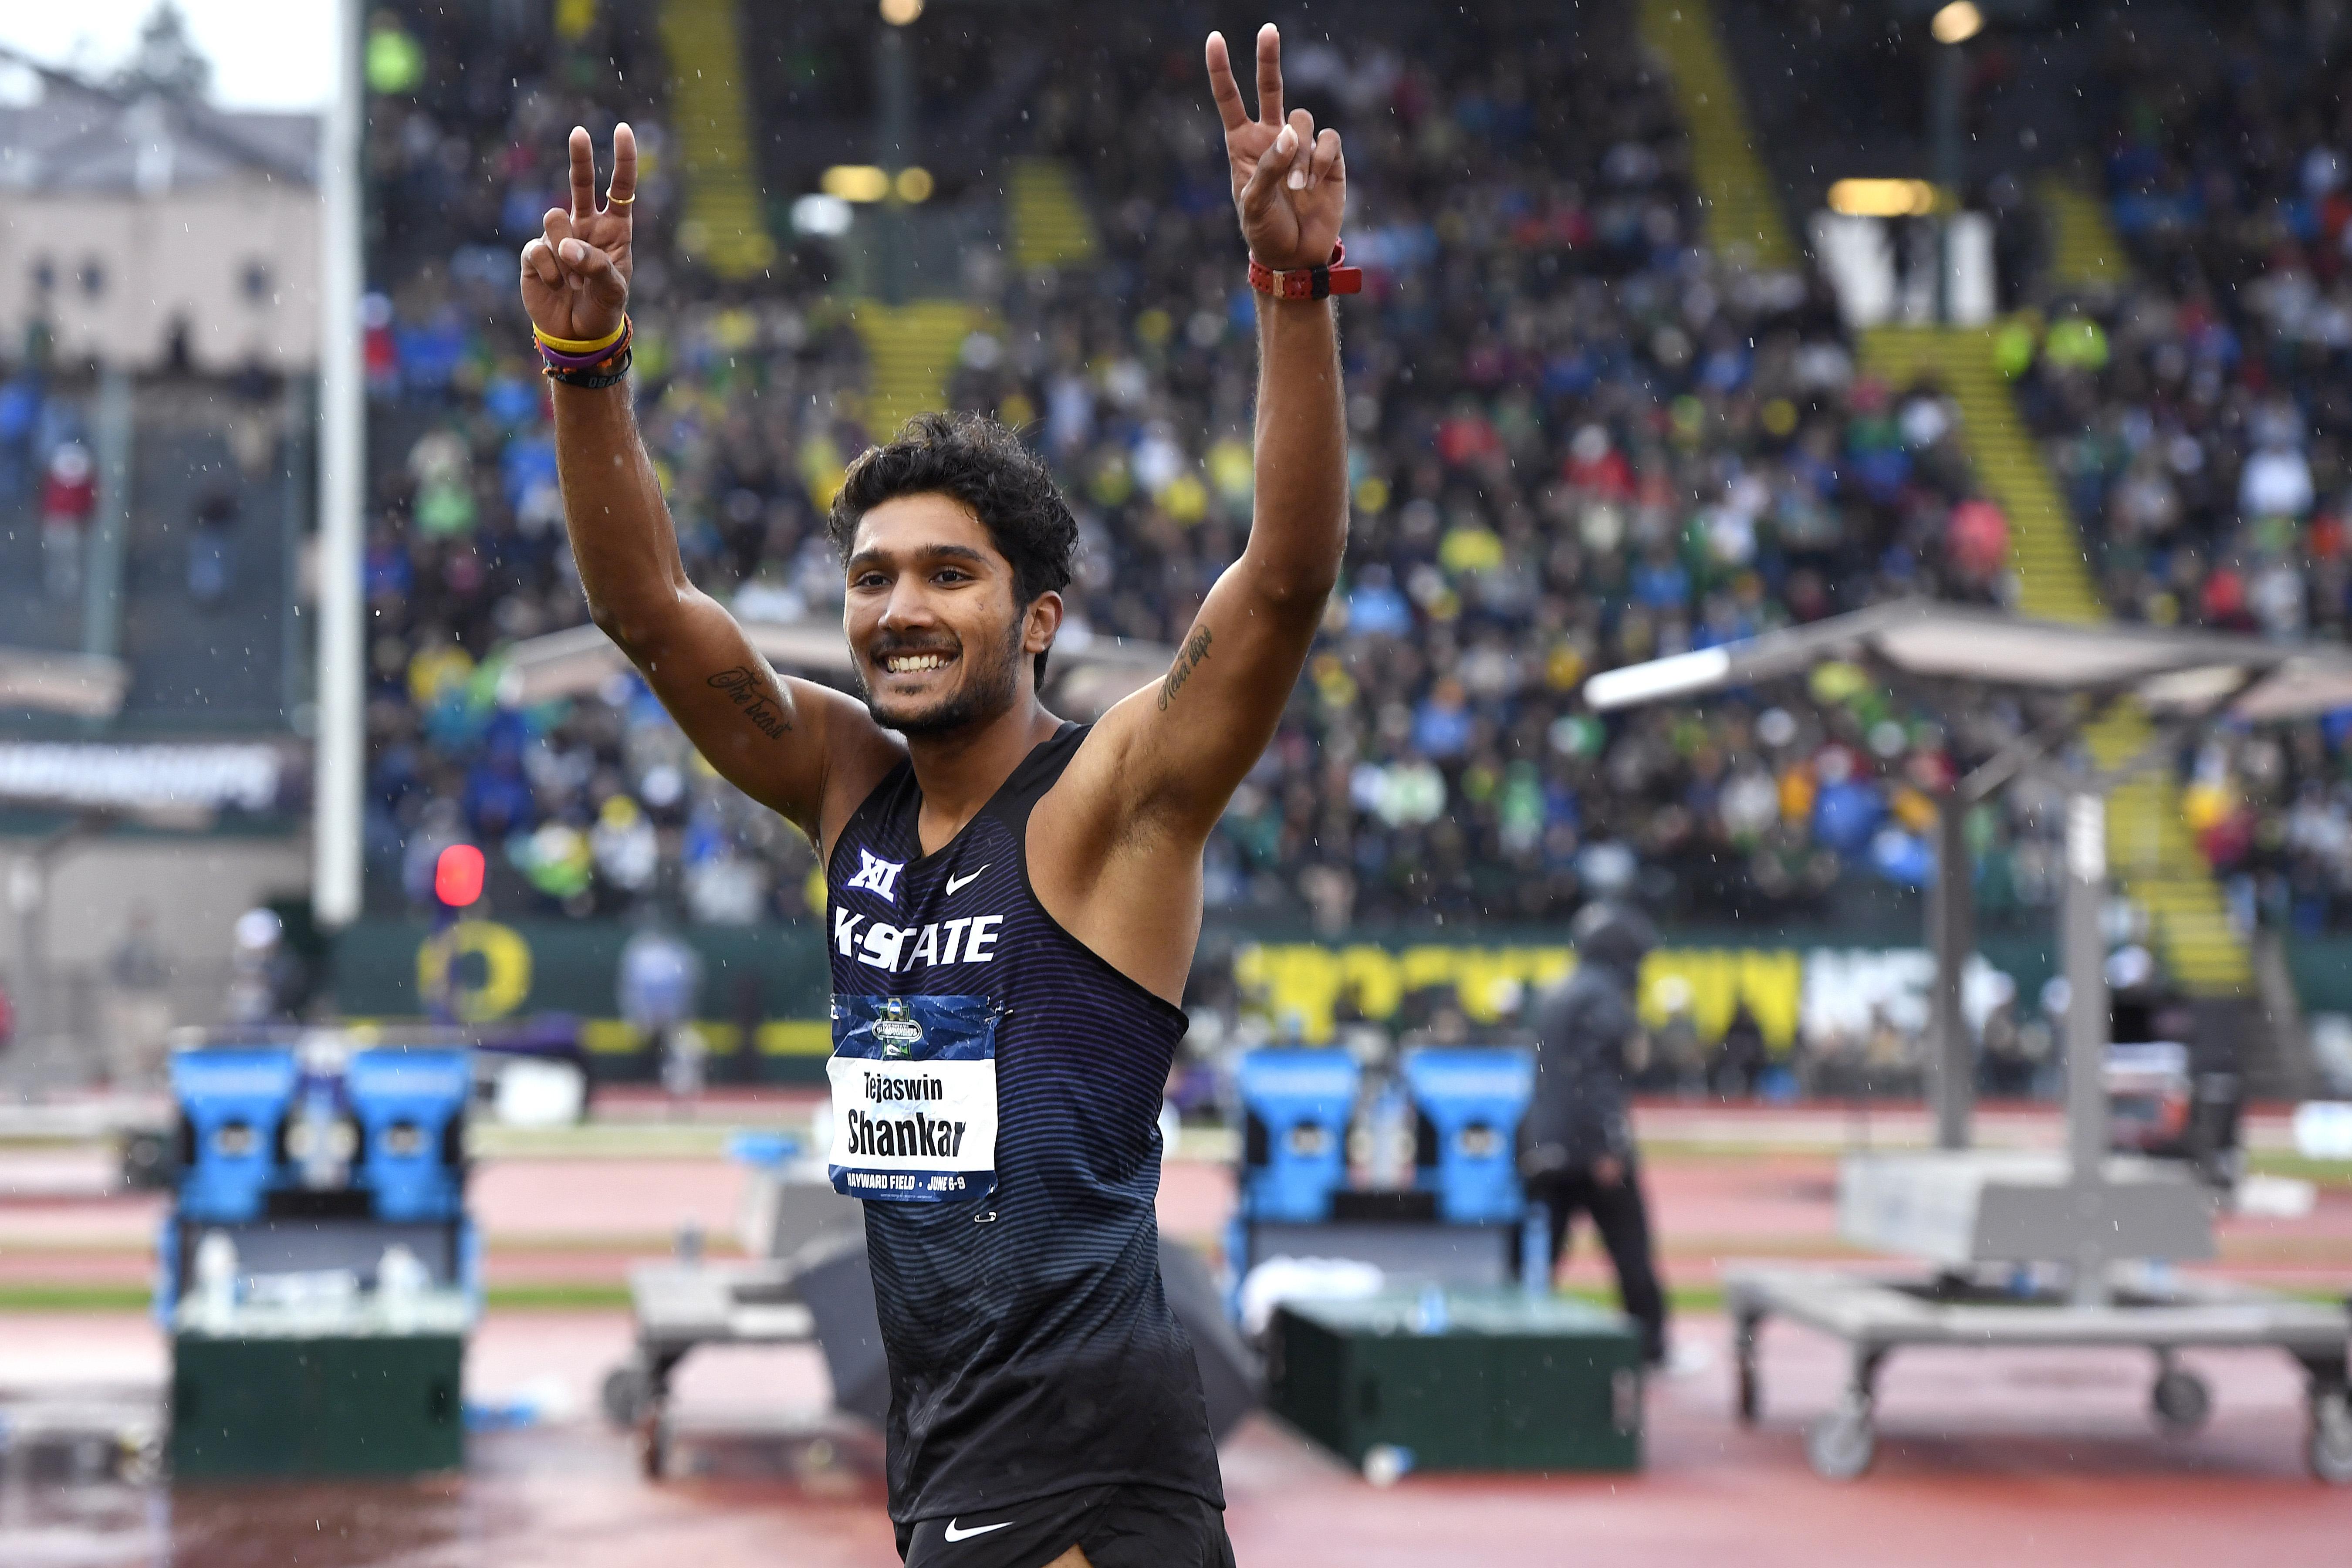 Tejaswin Shankar did NOT win the high jump.